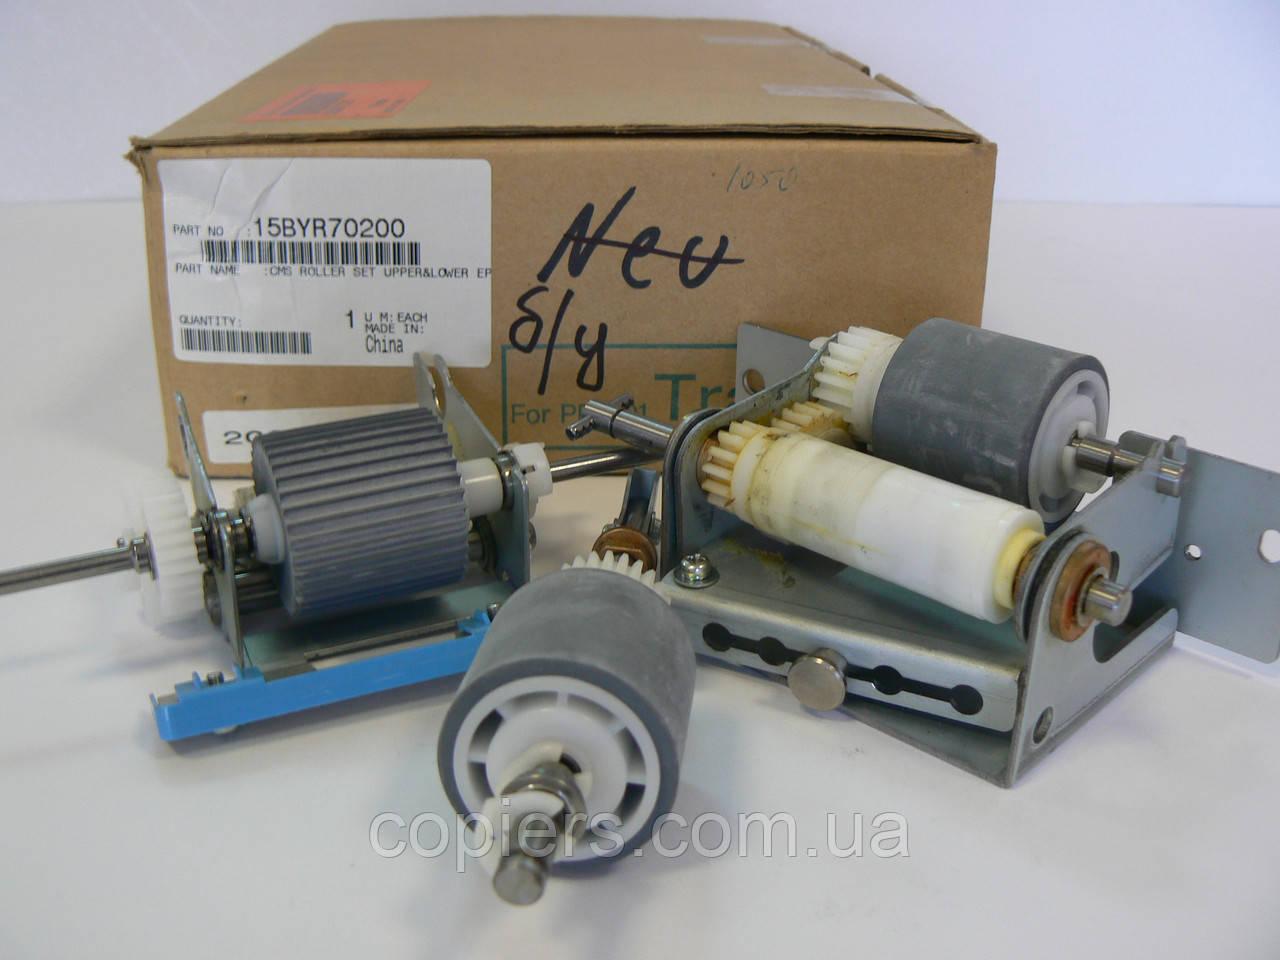 CMS Roller Set Upper & Lower EPDM for PF-701, 15BYR70200, оригинал, б/у